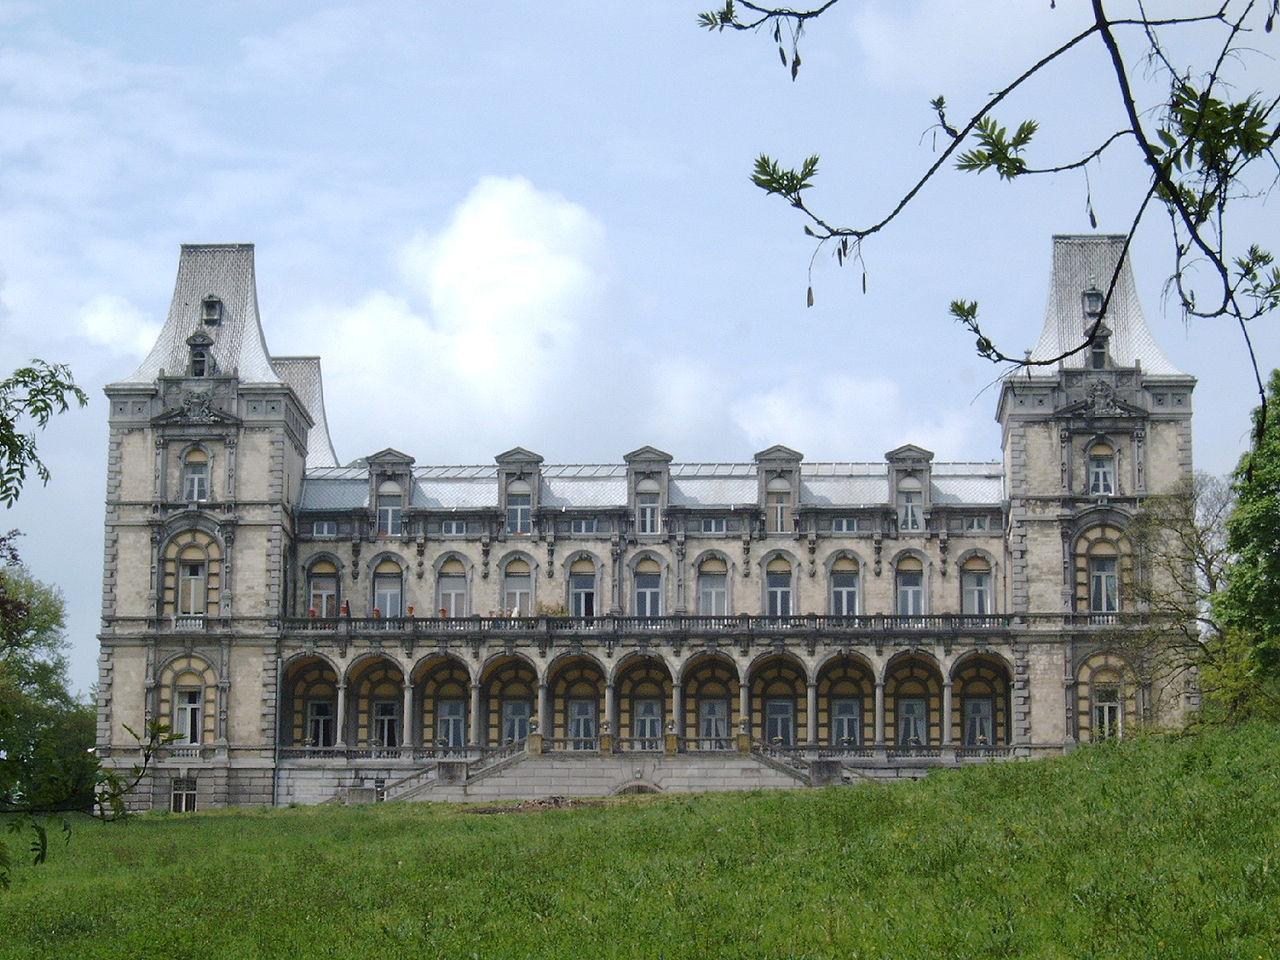 Te koop: Voormalig koninklijk pand en wellicht duurste huis van België